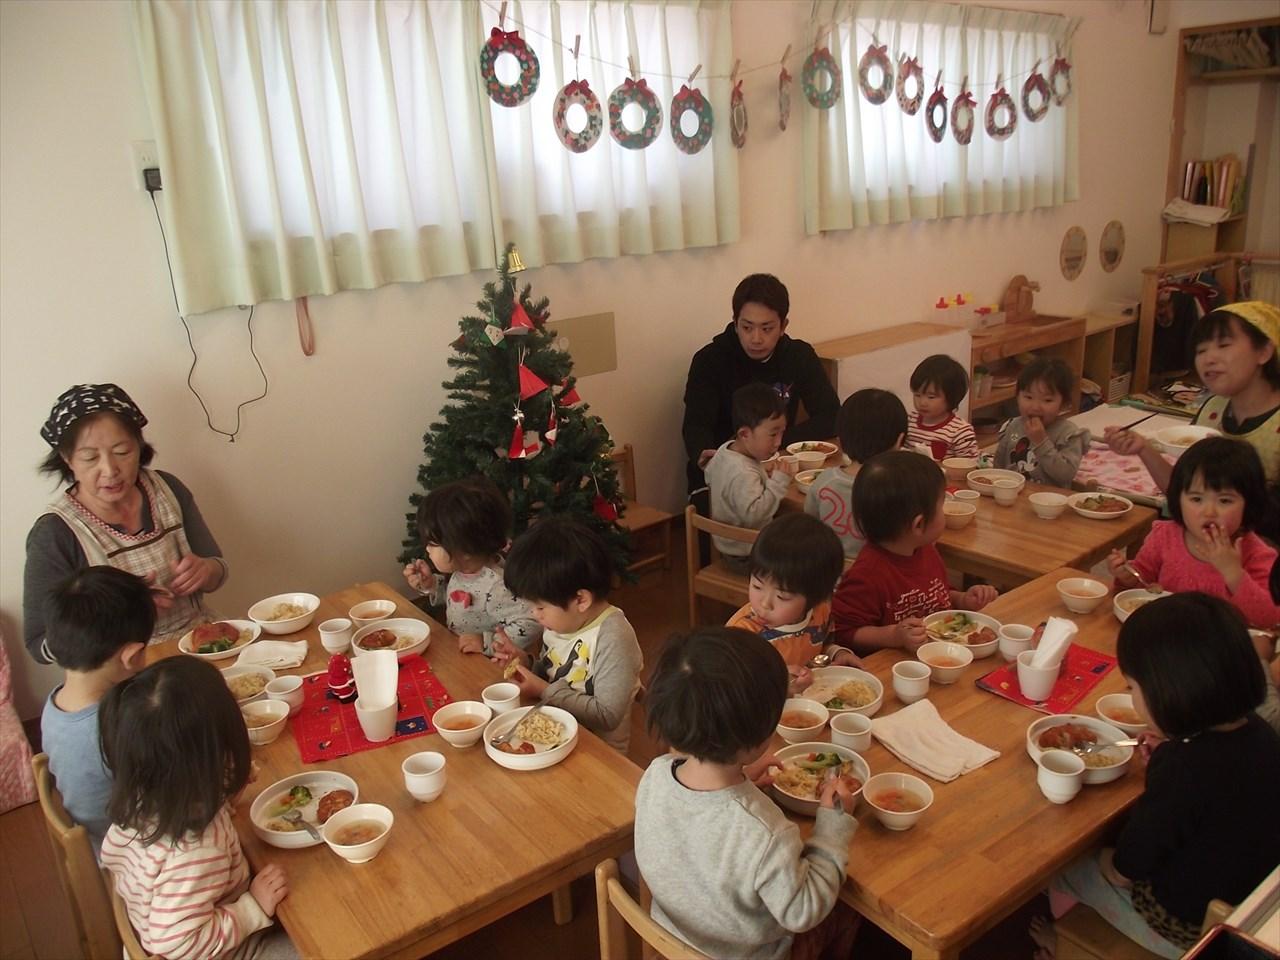 かりん組さんも「パーティーだよー」とクリスマス給食を楽しんでいました。